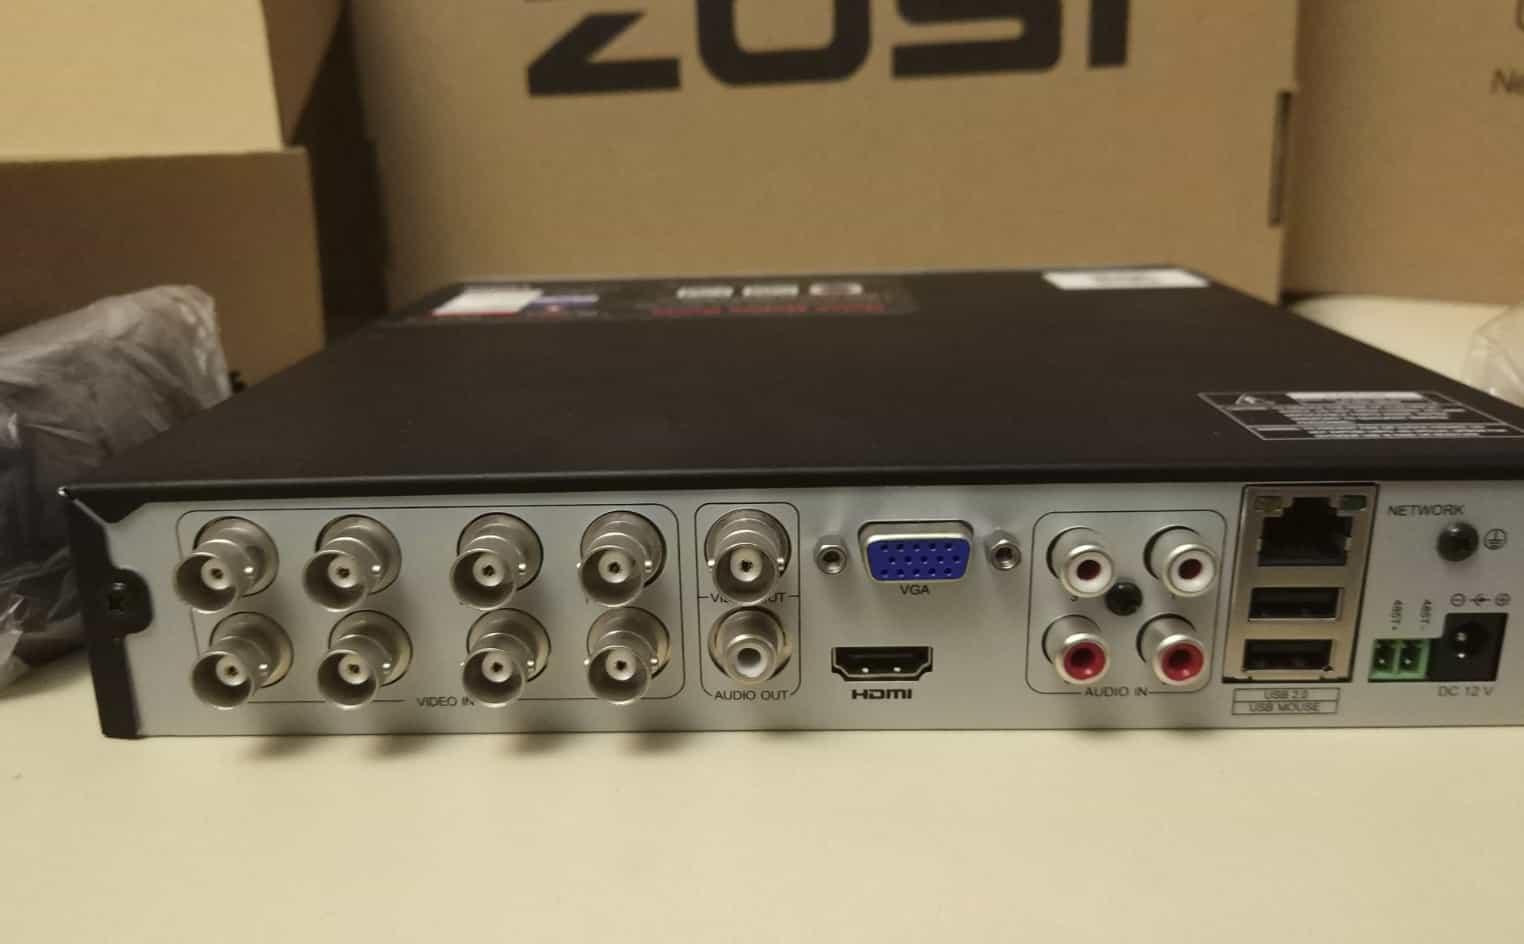 Комплект видеонаблюдения ZOSI